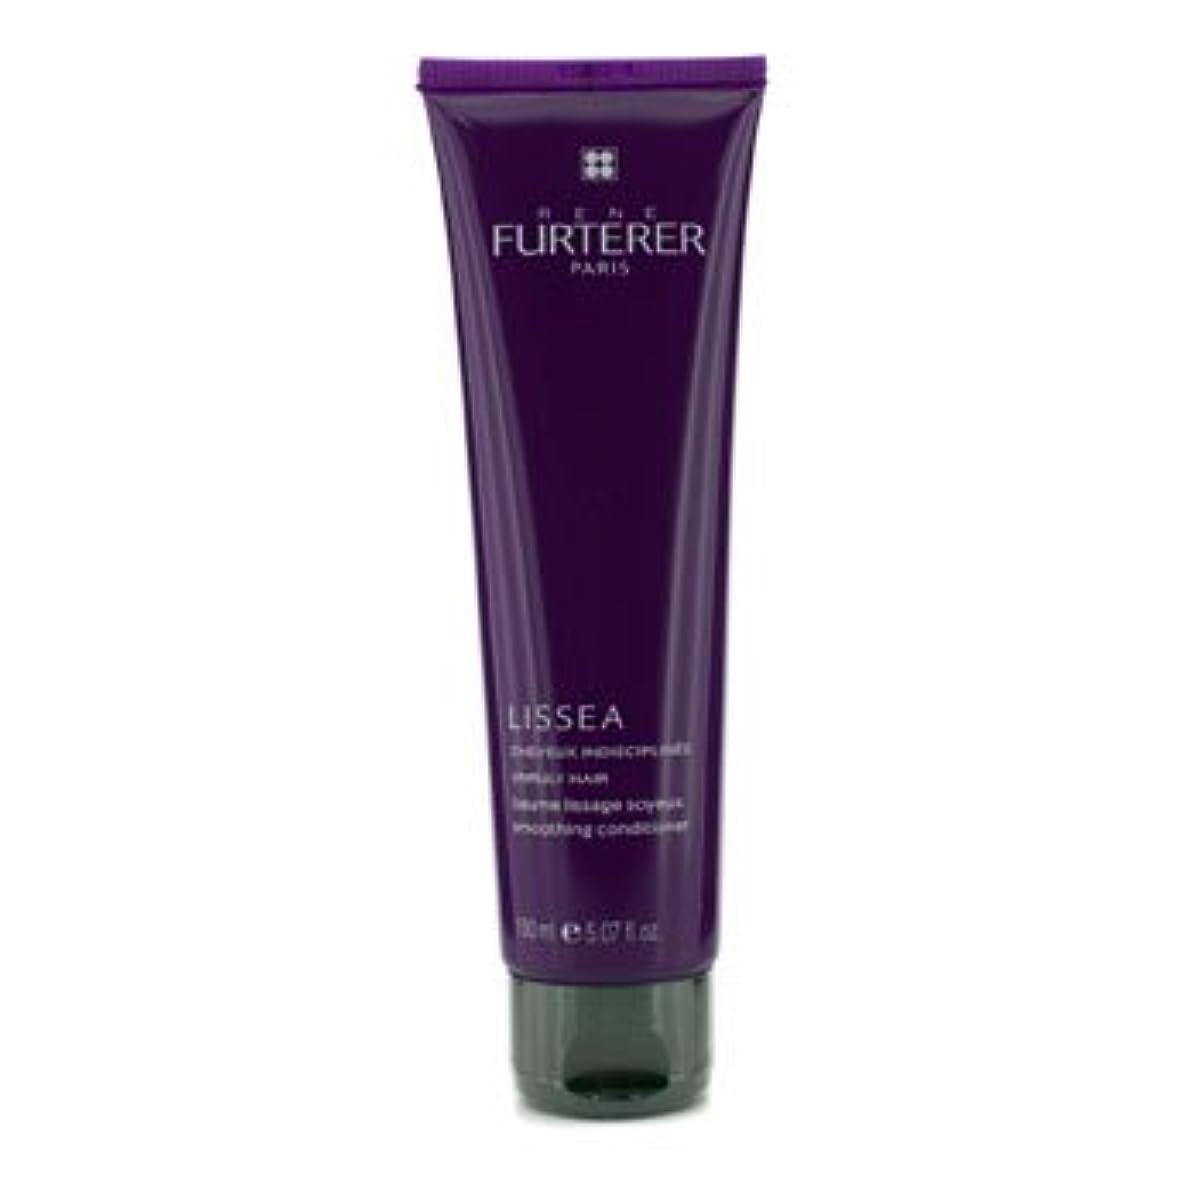 スポーツをするエジプト人に対処する[Rene Furterer] Lissea Smoothing Conditioner (For Unruly Hair) 150ml/5.07oz